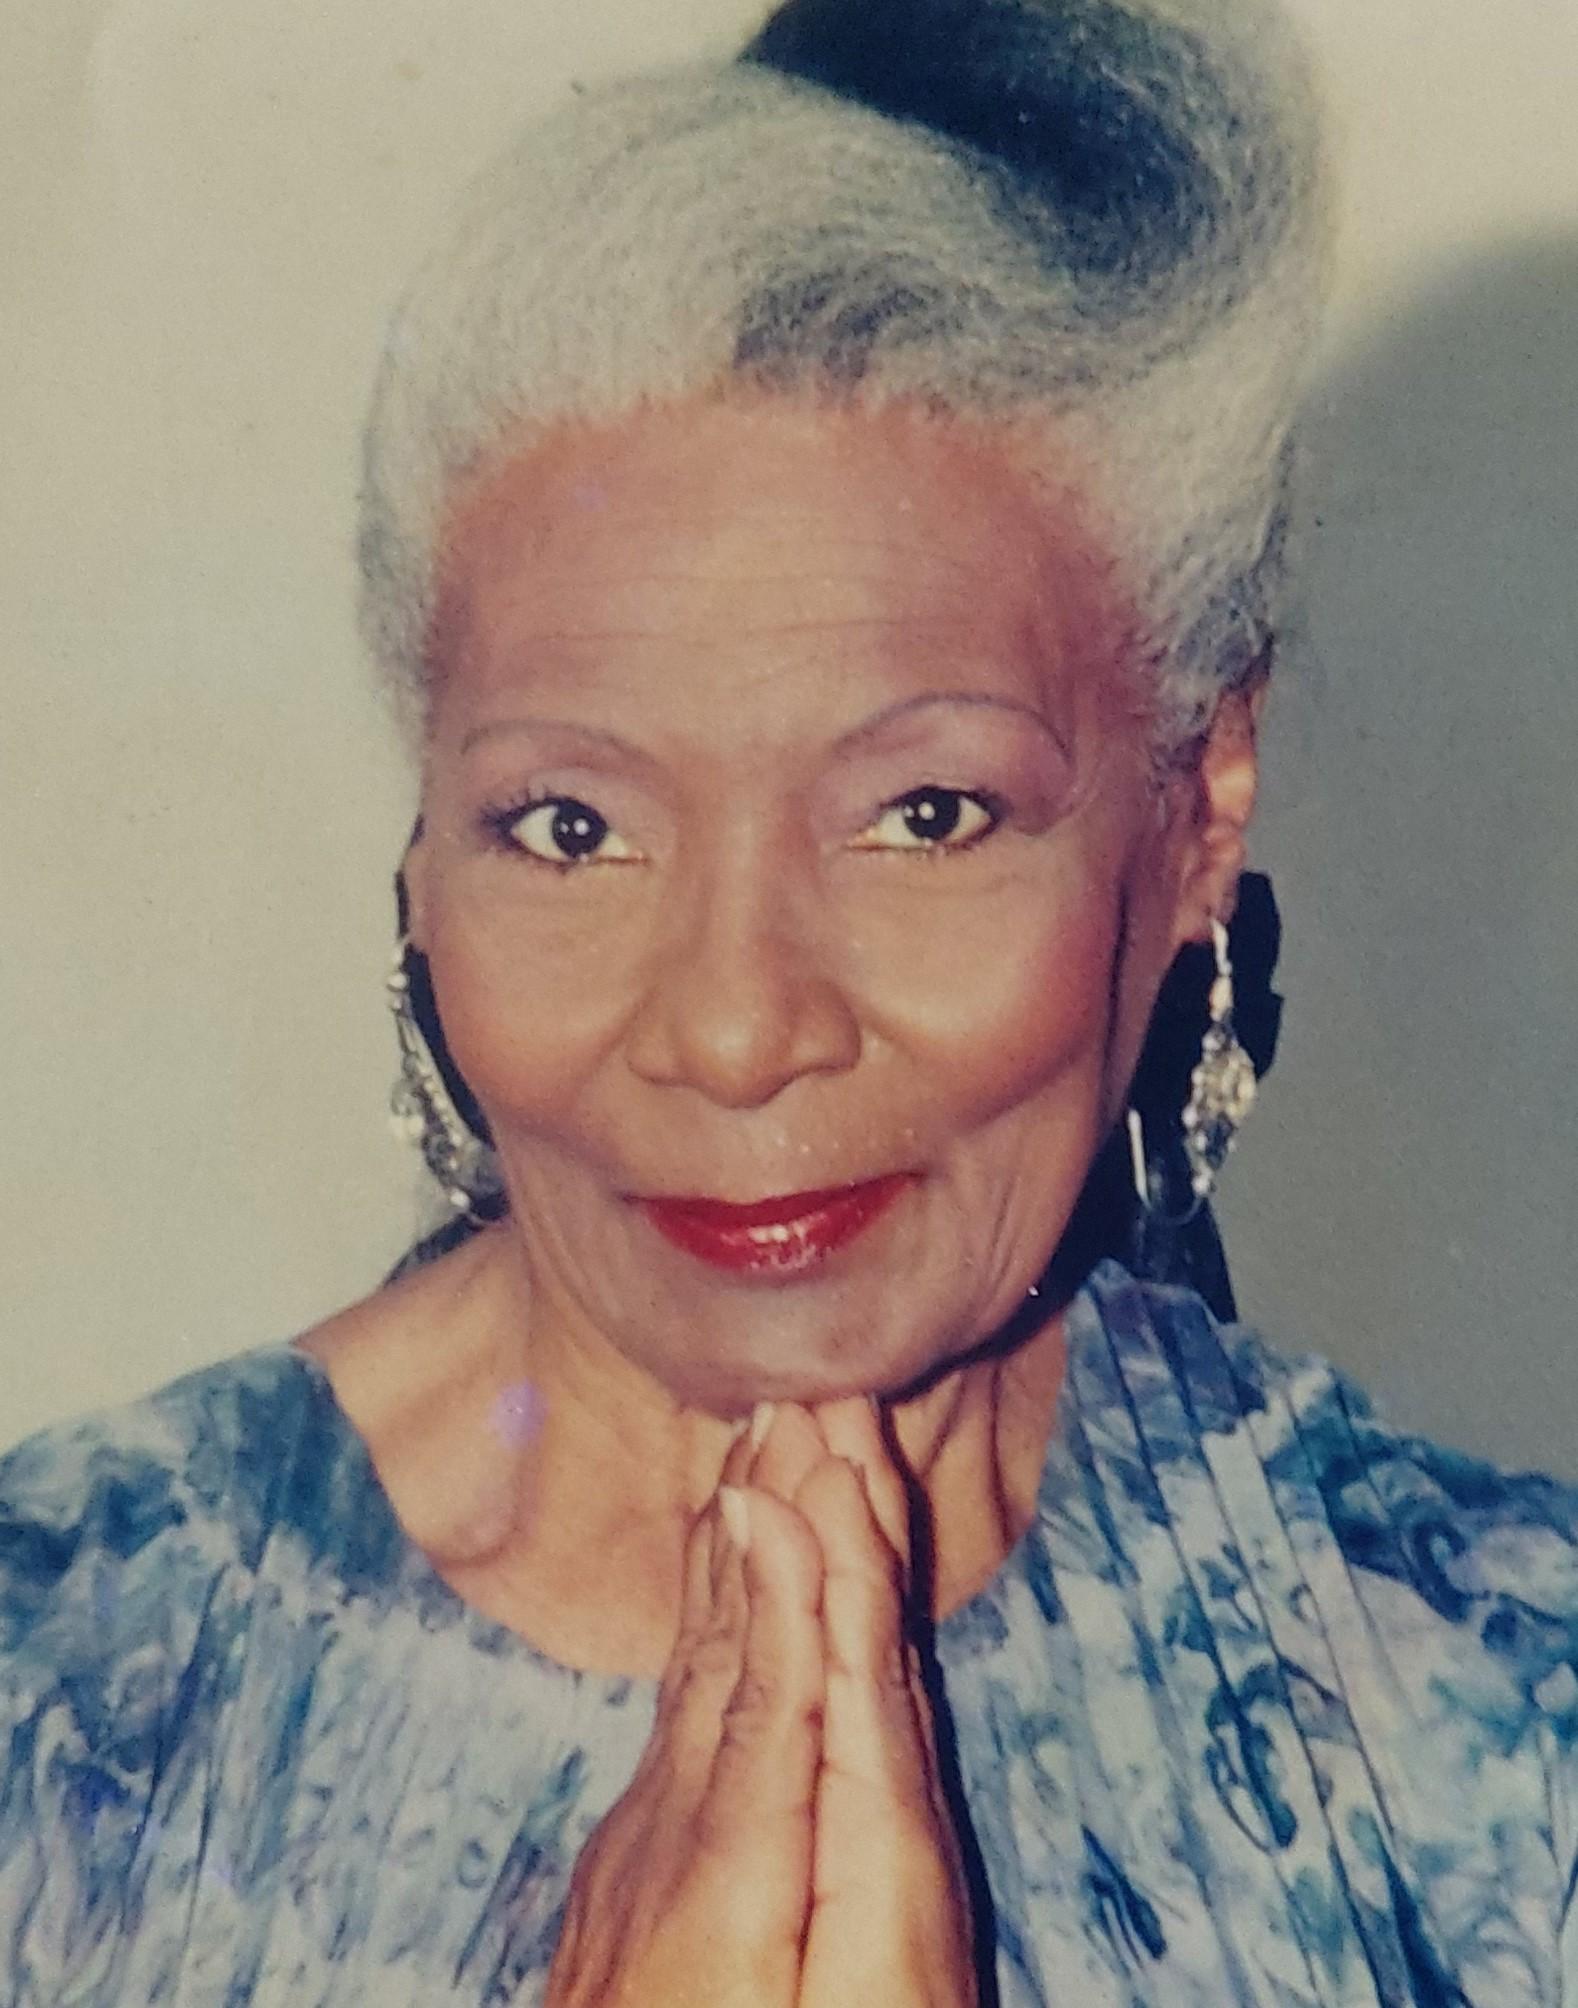 Carmen Costa, cantora que desafiou a moral dos anos 1950, é revivida no centenário de nascimento